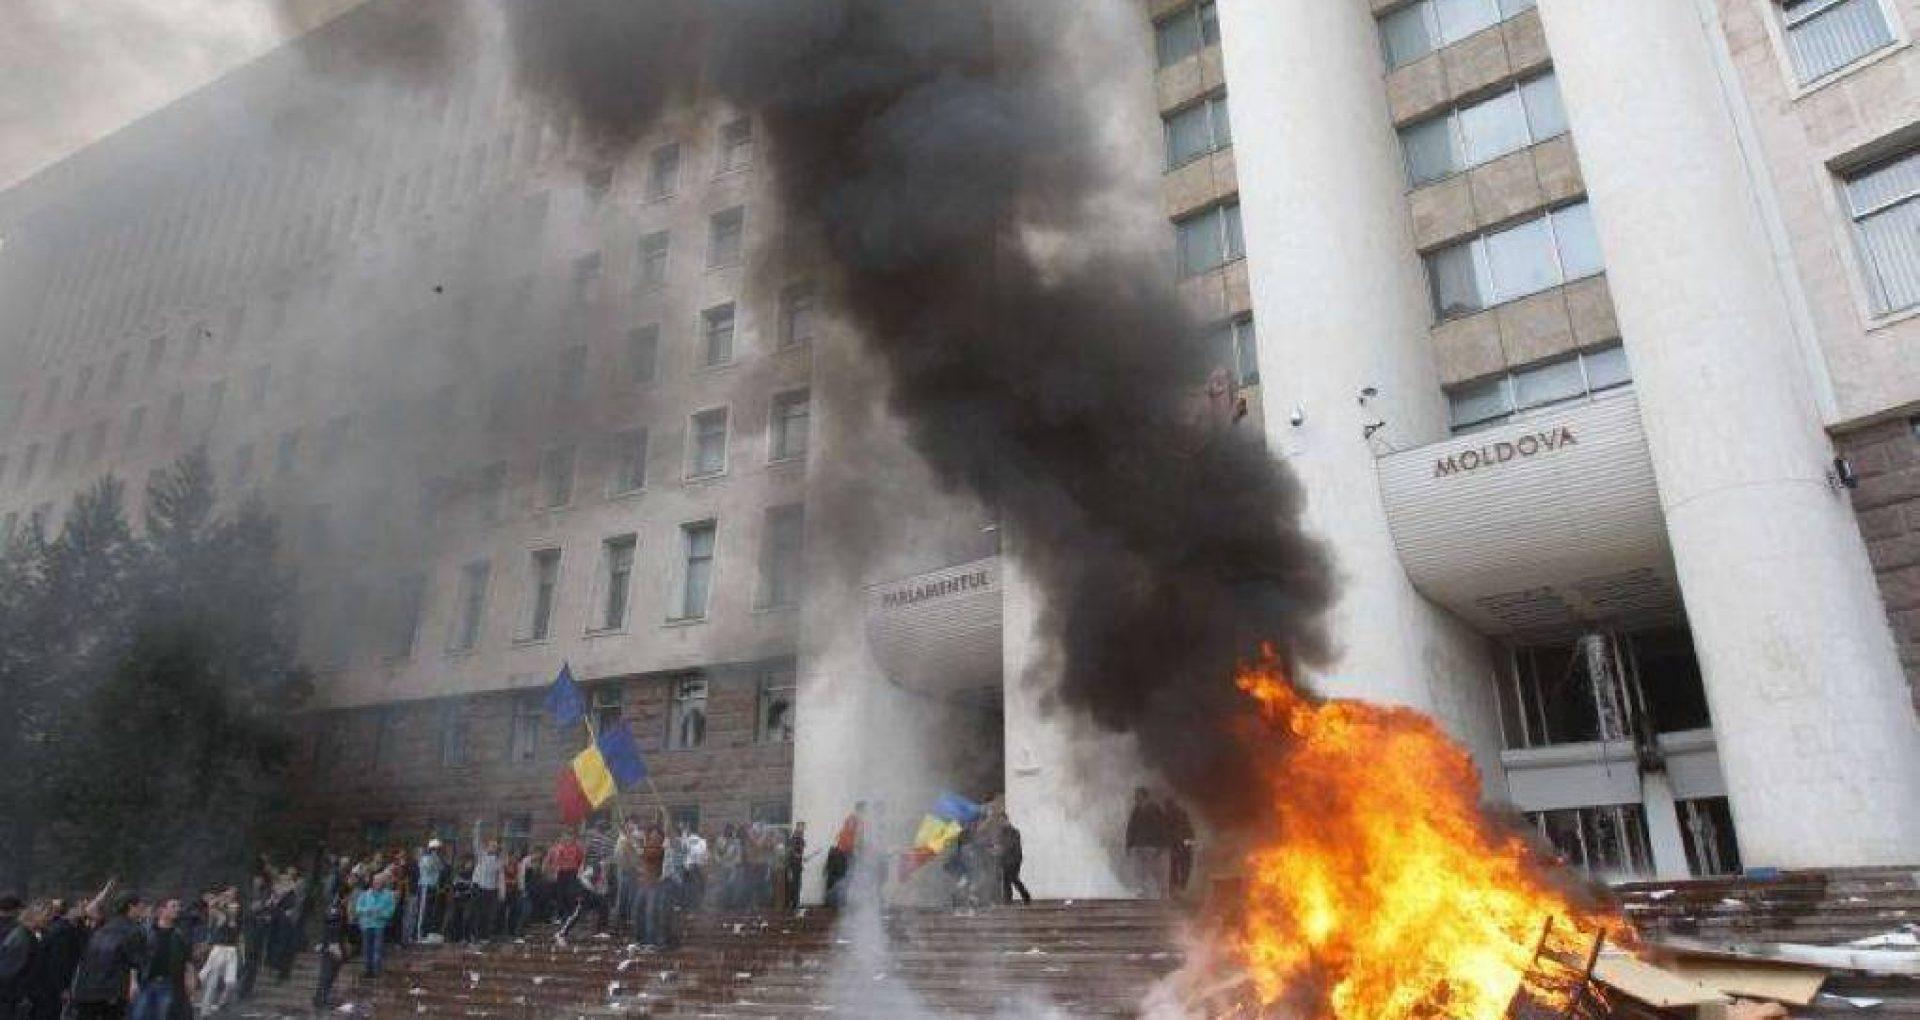 R. Moldova, condamnată la CtEDO în cazurile de reținere ilegală și tortură aplicate în aprilie 2009